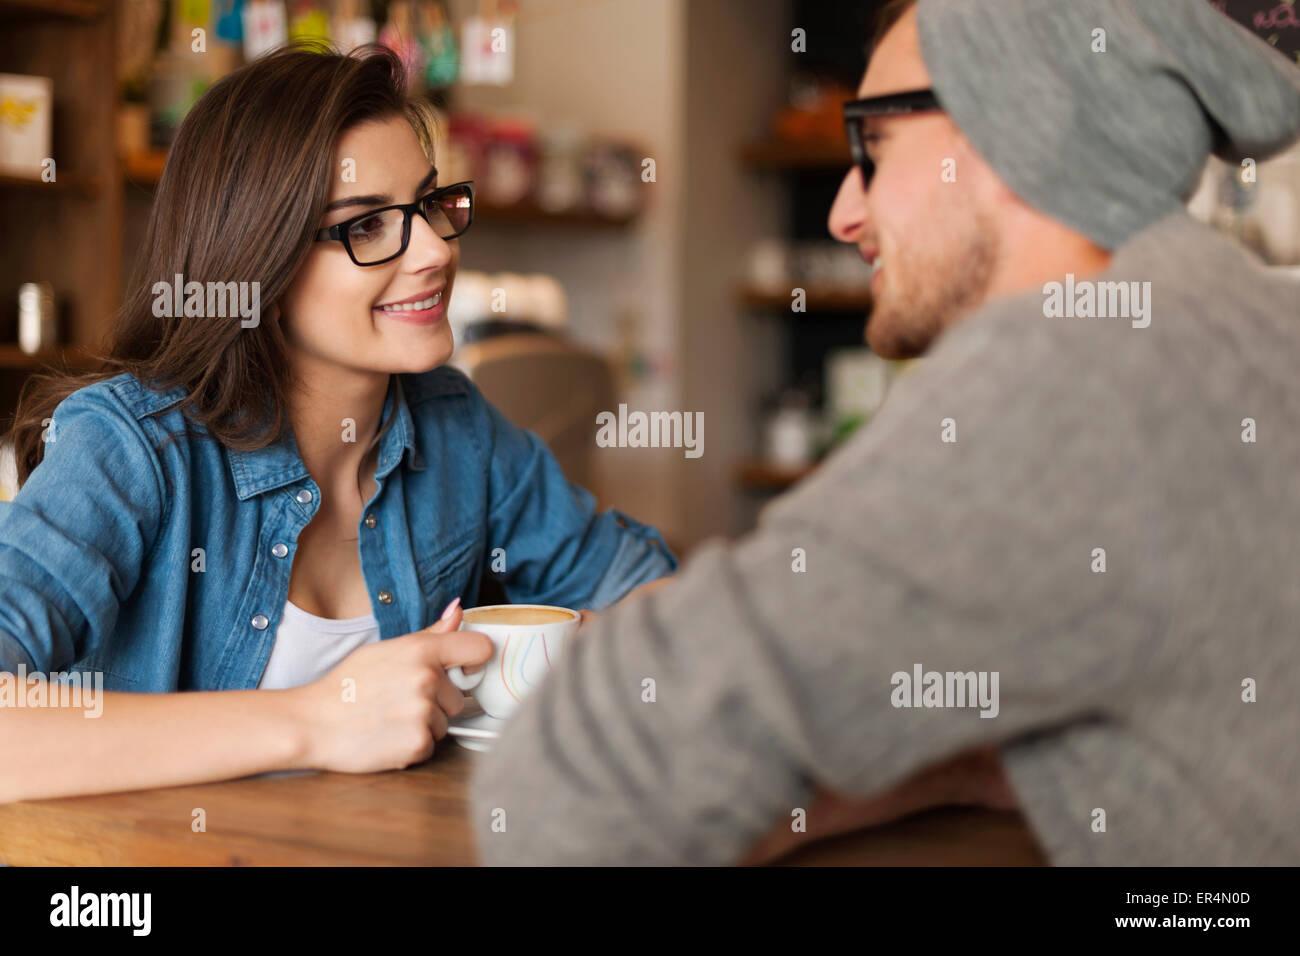 Reunión de pareja feliz en el cafe. Cracovia, Polonia Imagen De Stock